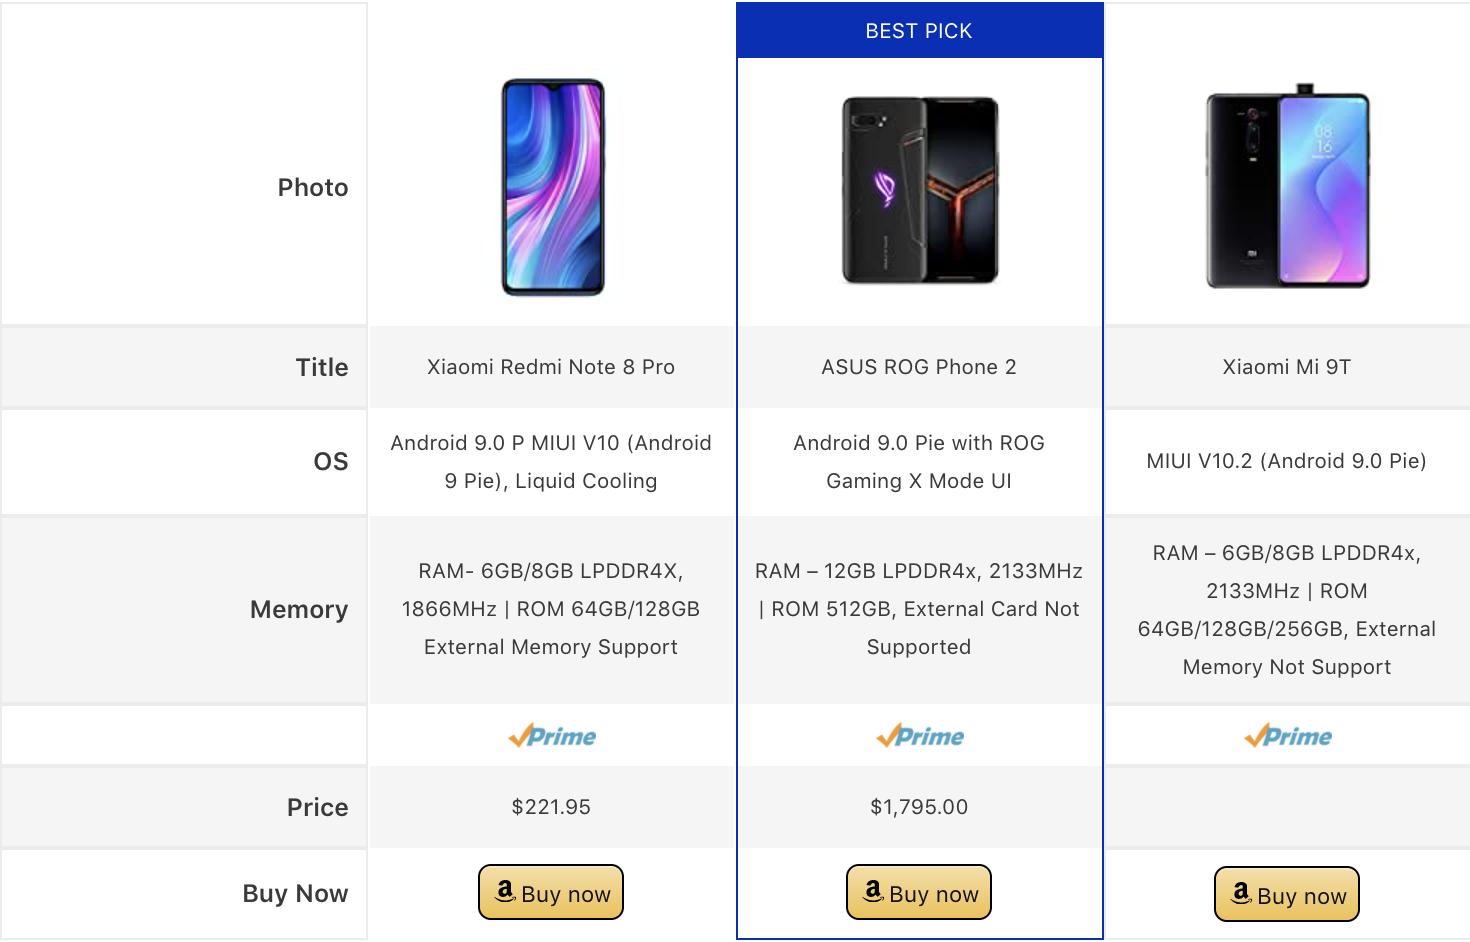 Amazon Comparison Table Example